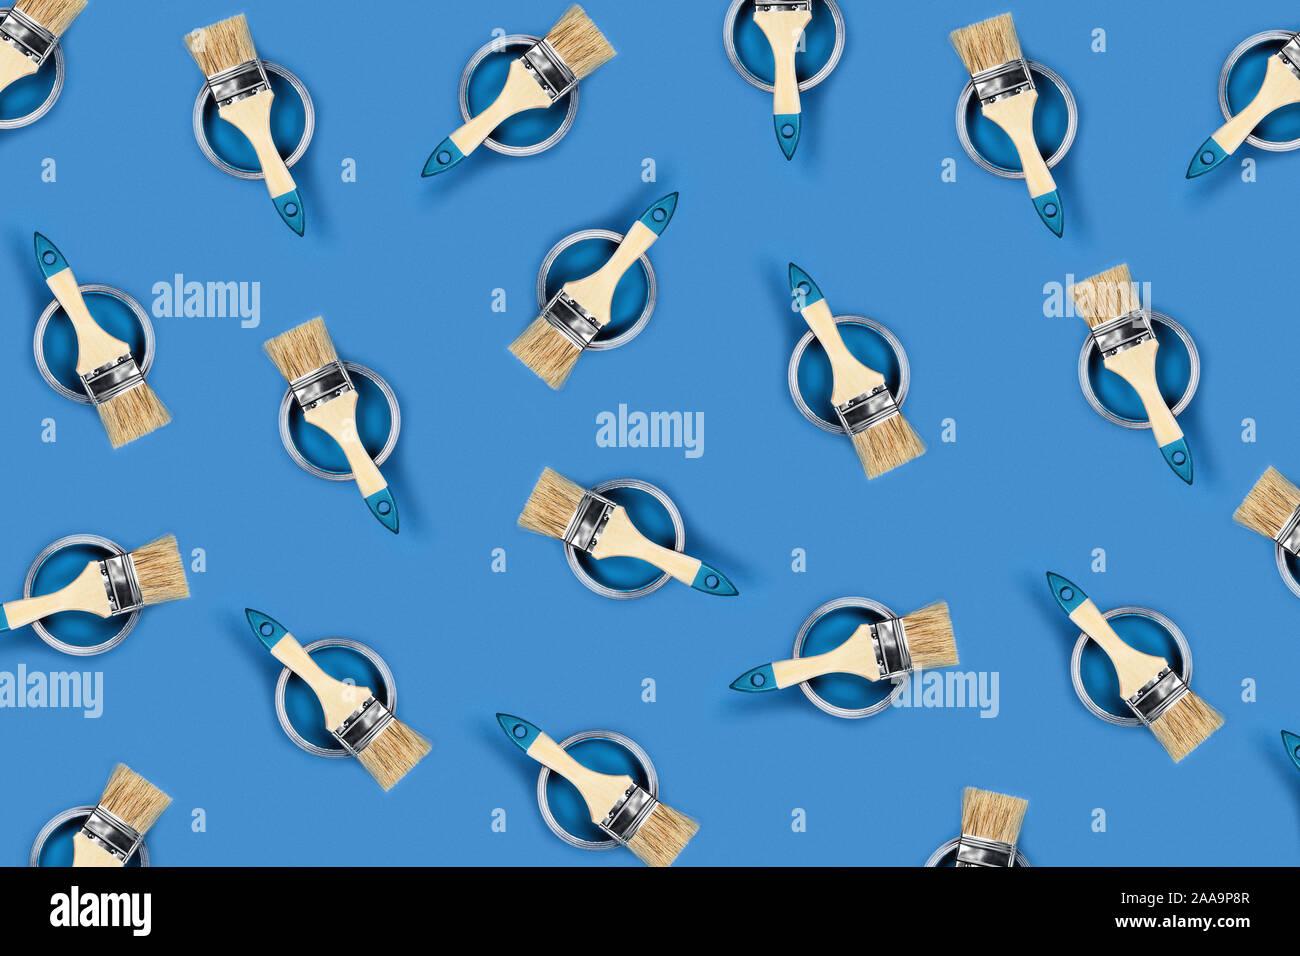 Concepto de renovación. Patrón con fondo azul con botes de pintura y pinceles de color. Sentar planas, vista superior. Foto de stock